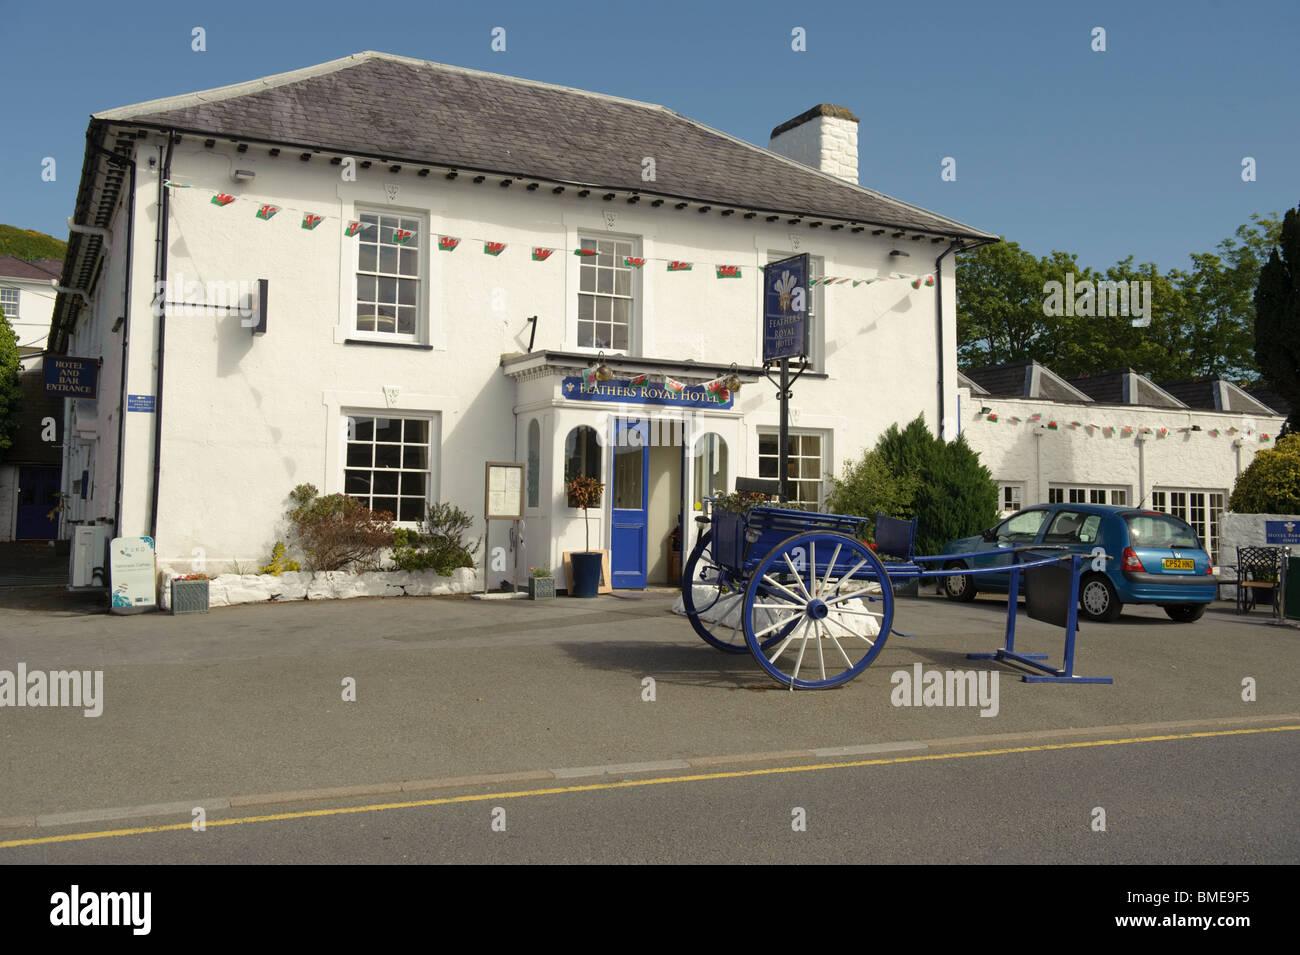 The Feathers Royal Hotel, Aberaeron, Ceredigion, West Wales UK - Stock Image